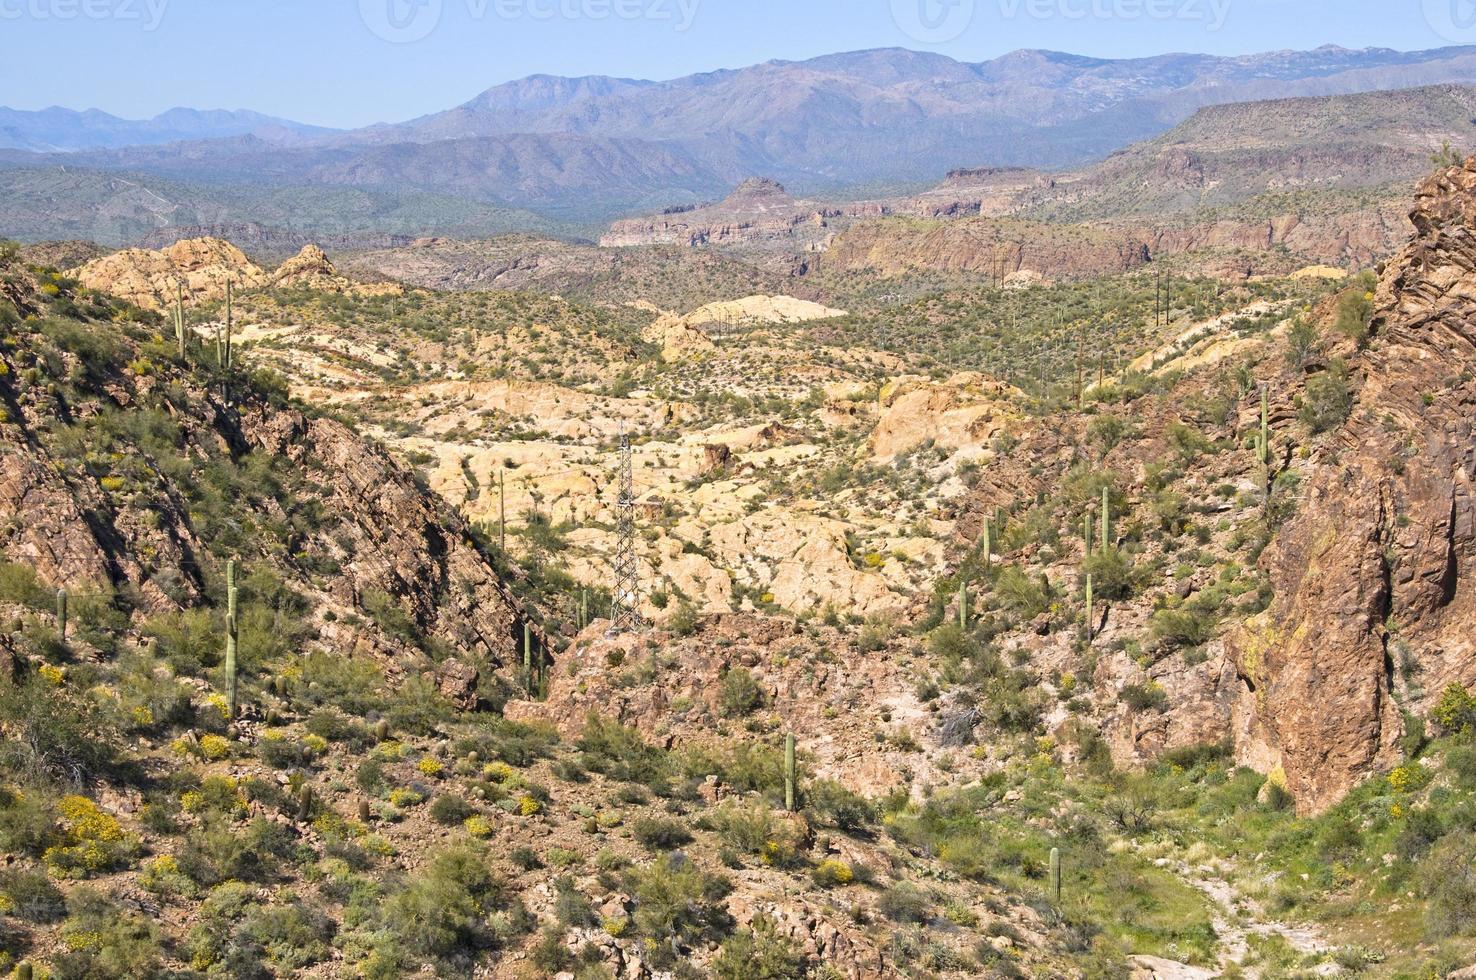 Wüstenlandschaft in Arizona foto